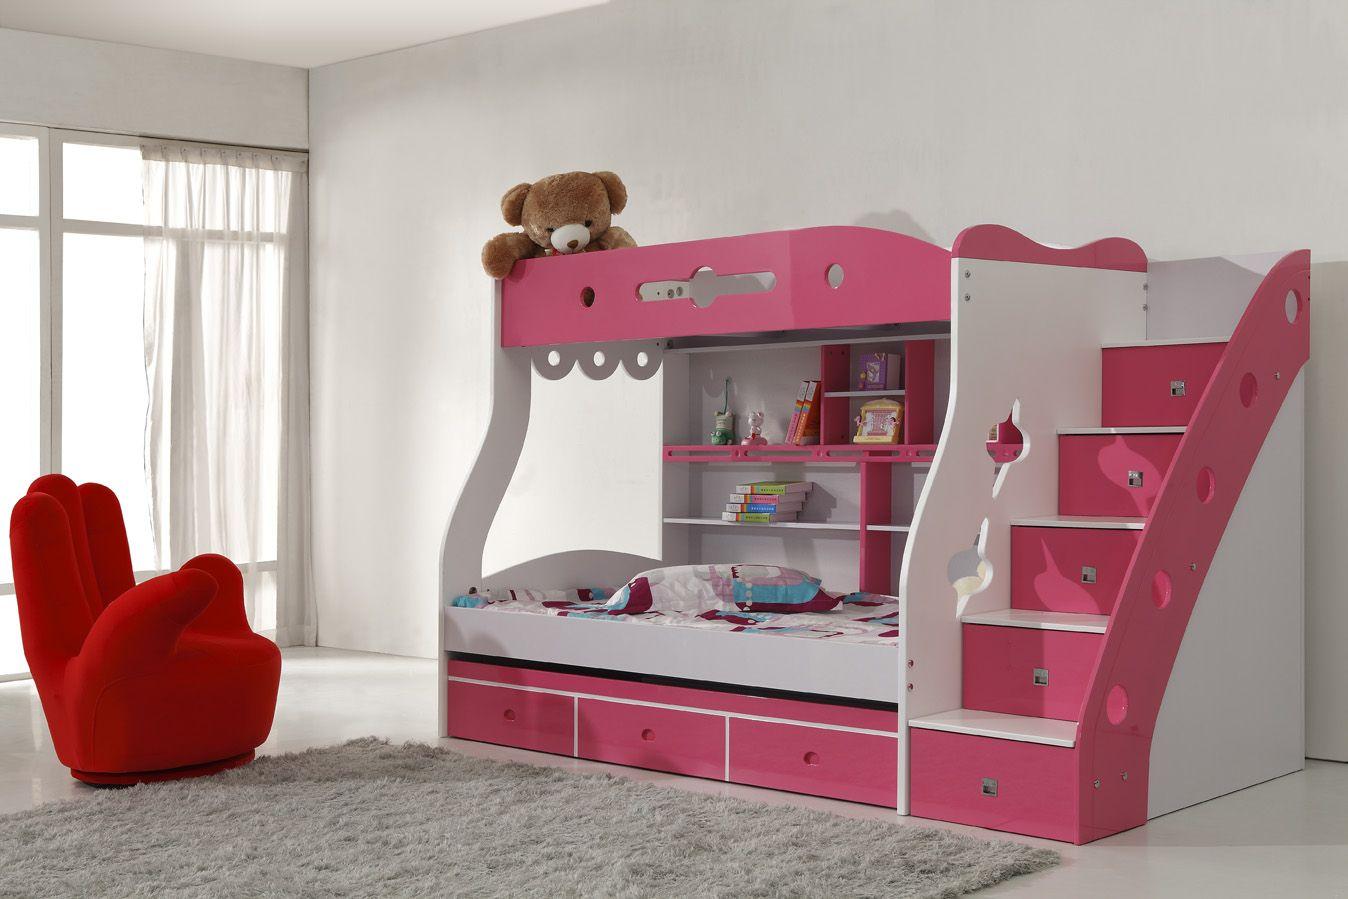 Modern loft bed ideas  Girls Bunk Beds  pretty room  Pinterest  Bunk bed Children